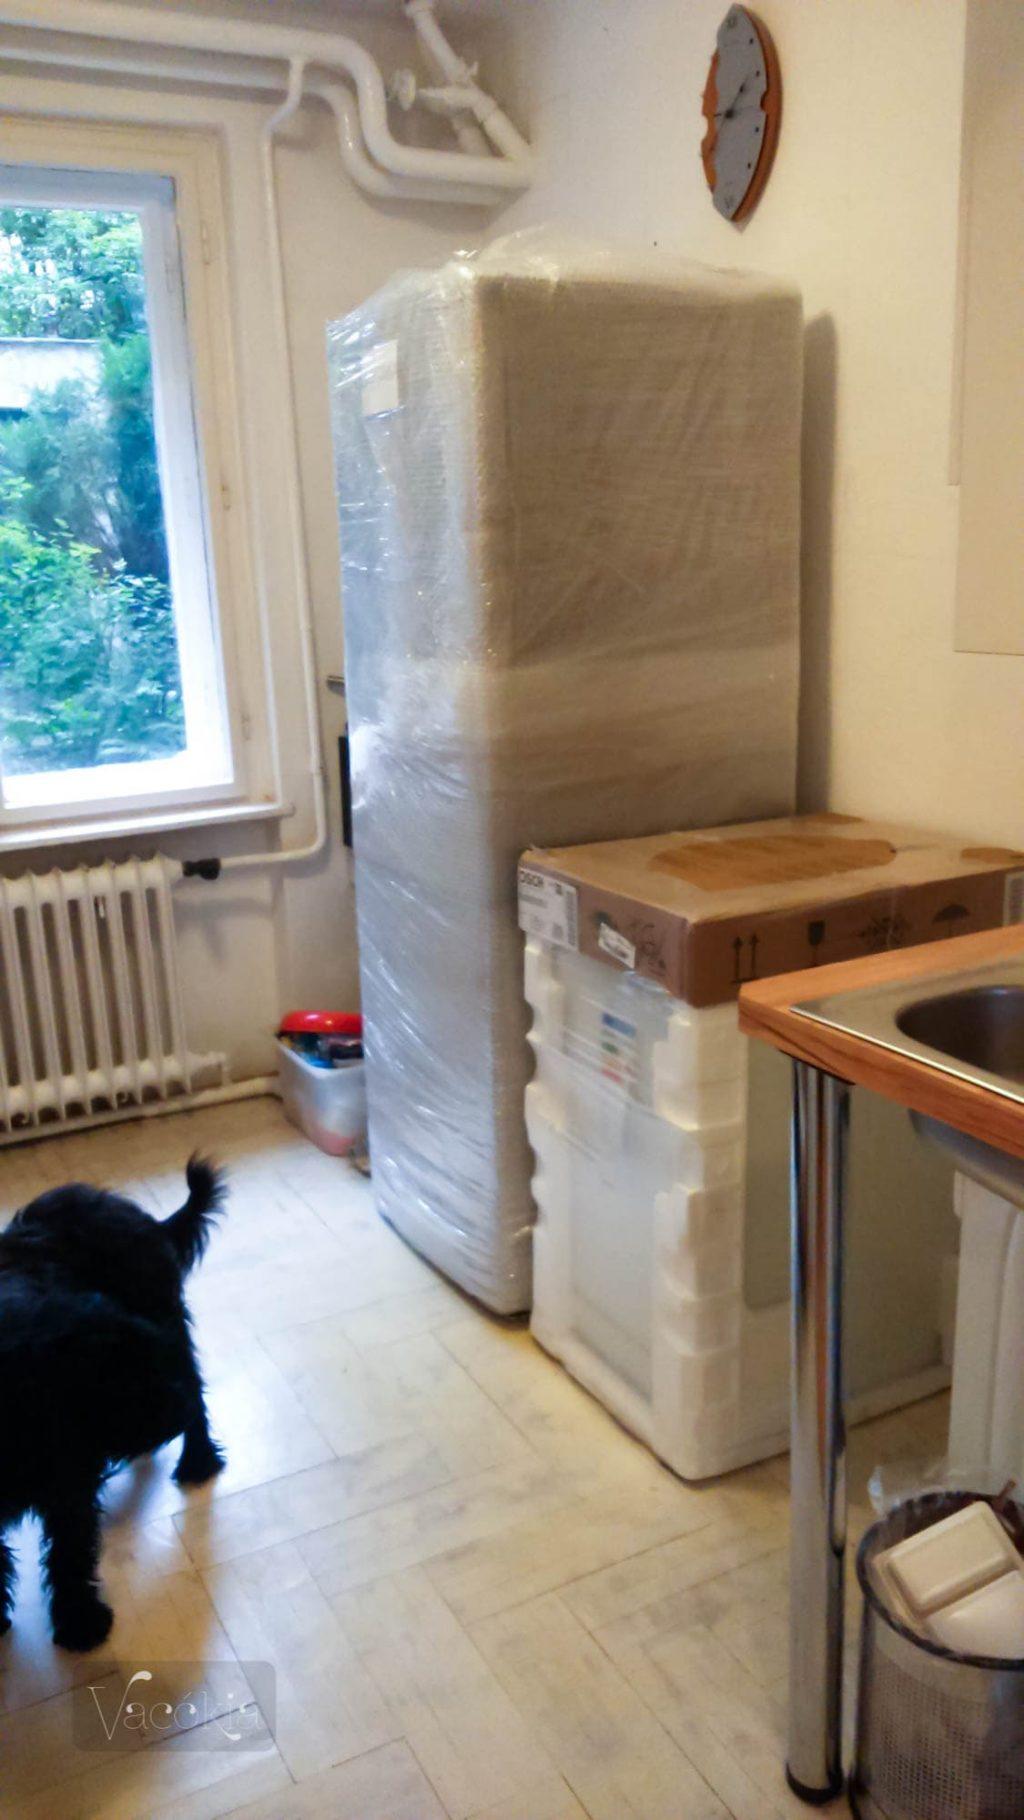 Ekkora fagyasztós hűtő lesz a 28 négyzetméteres lakásban